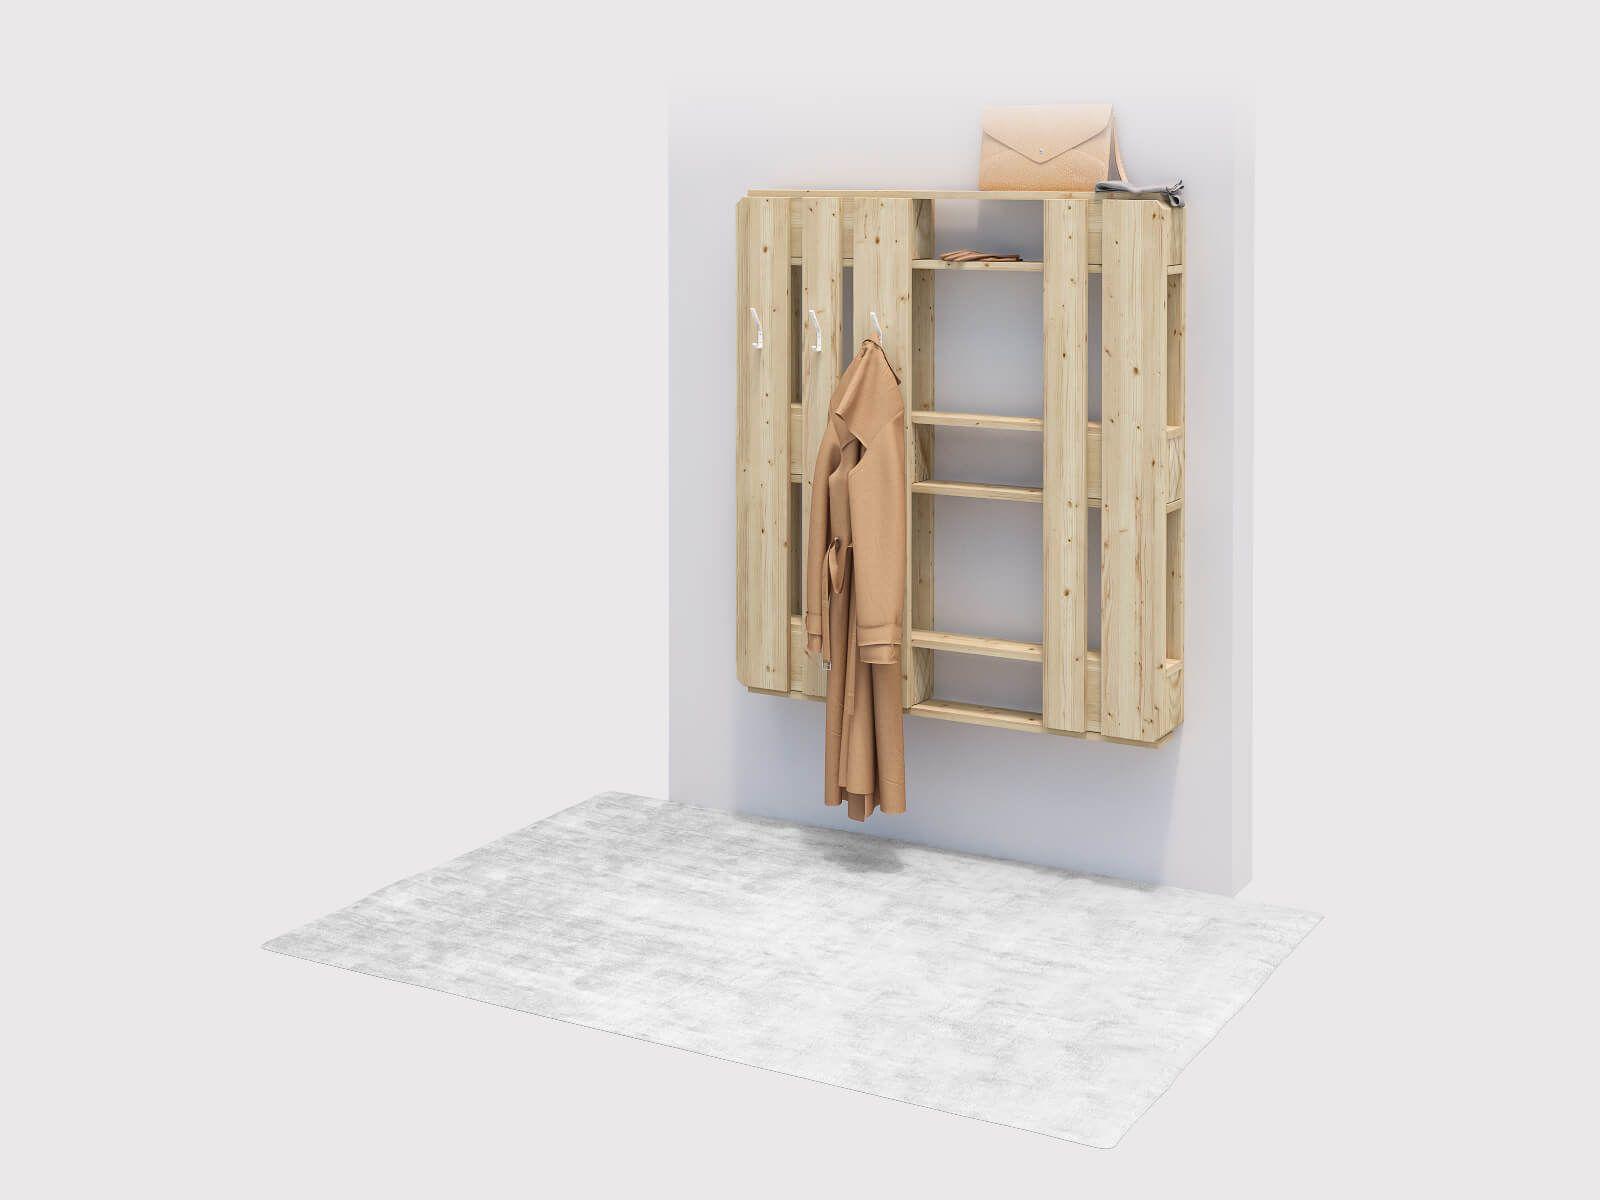 Garderobe Dienlich Selber Bauen Alle Mobel Wandgarderobe